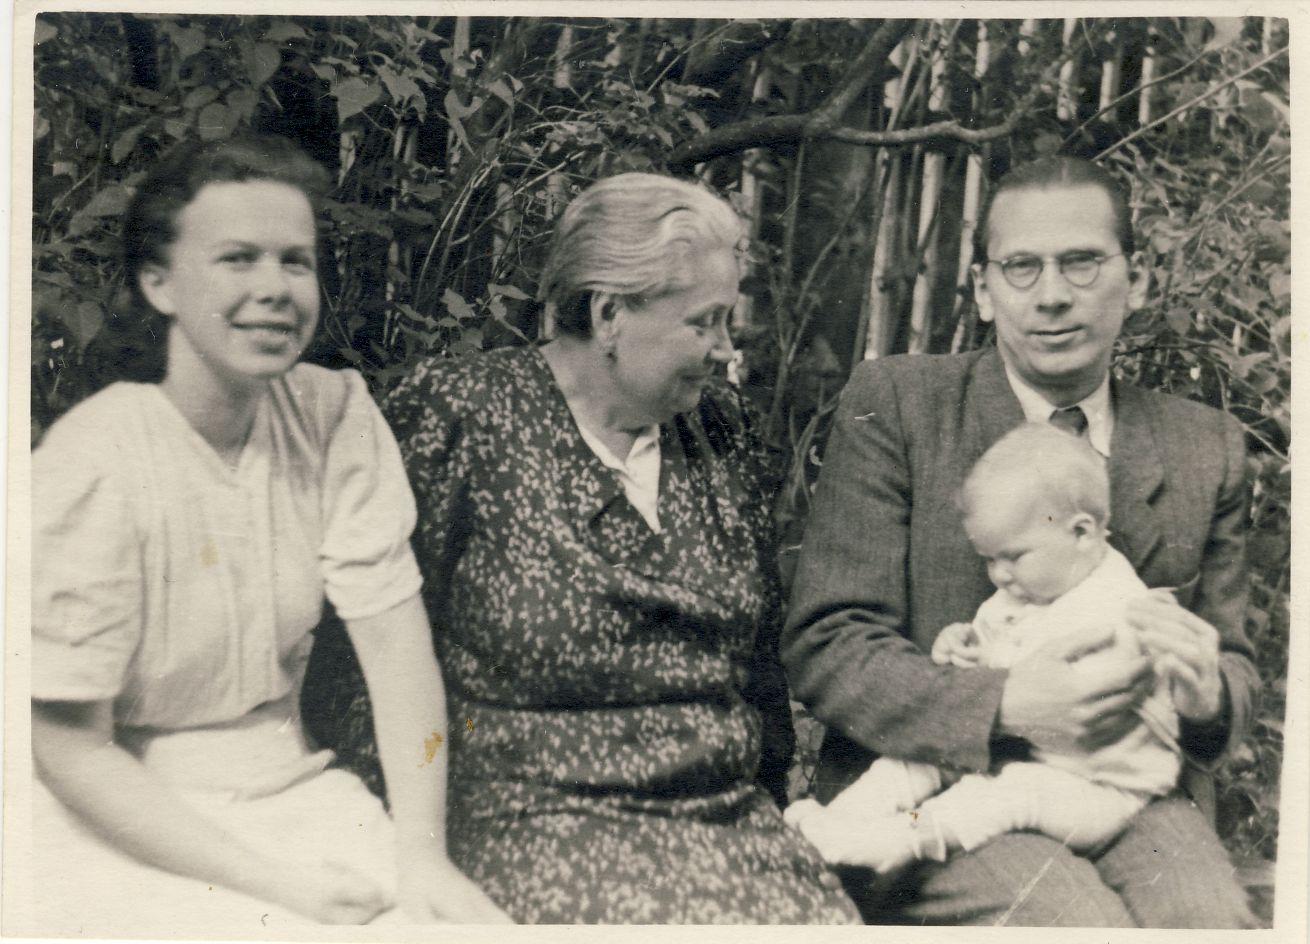 Su dukrele Danute, žmona Janina ir mama Brone. Apie 1950 m.